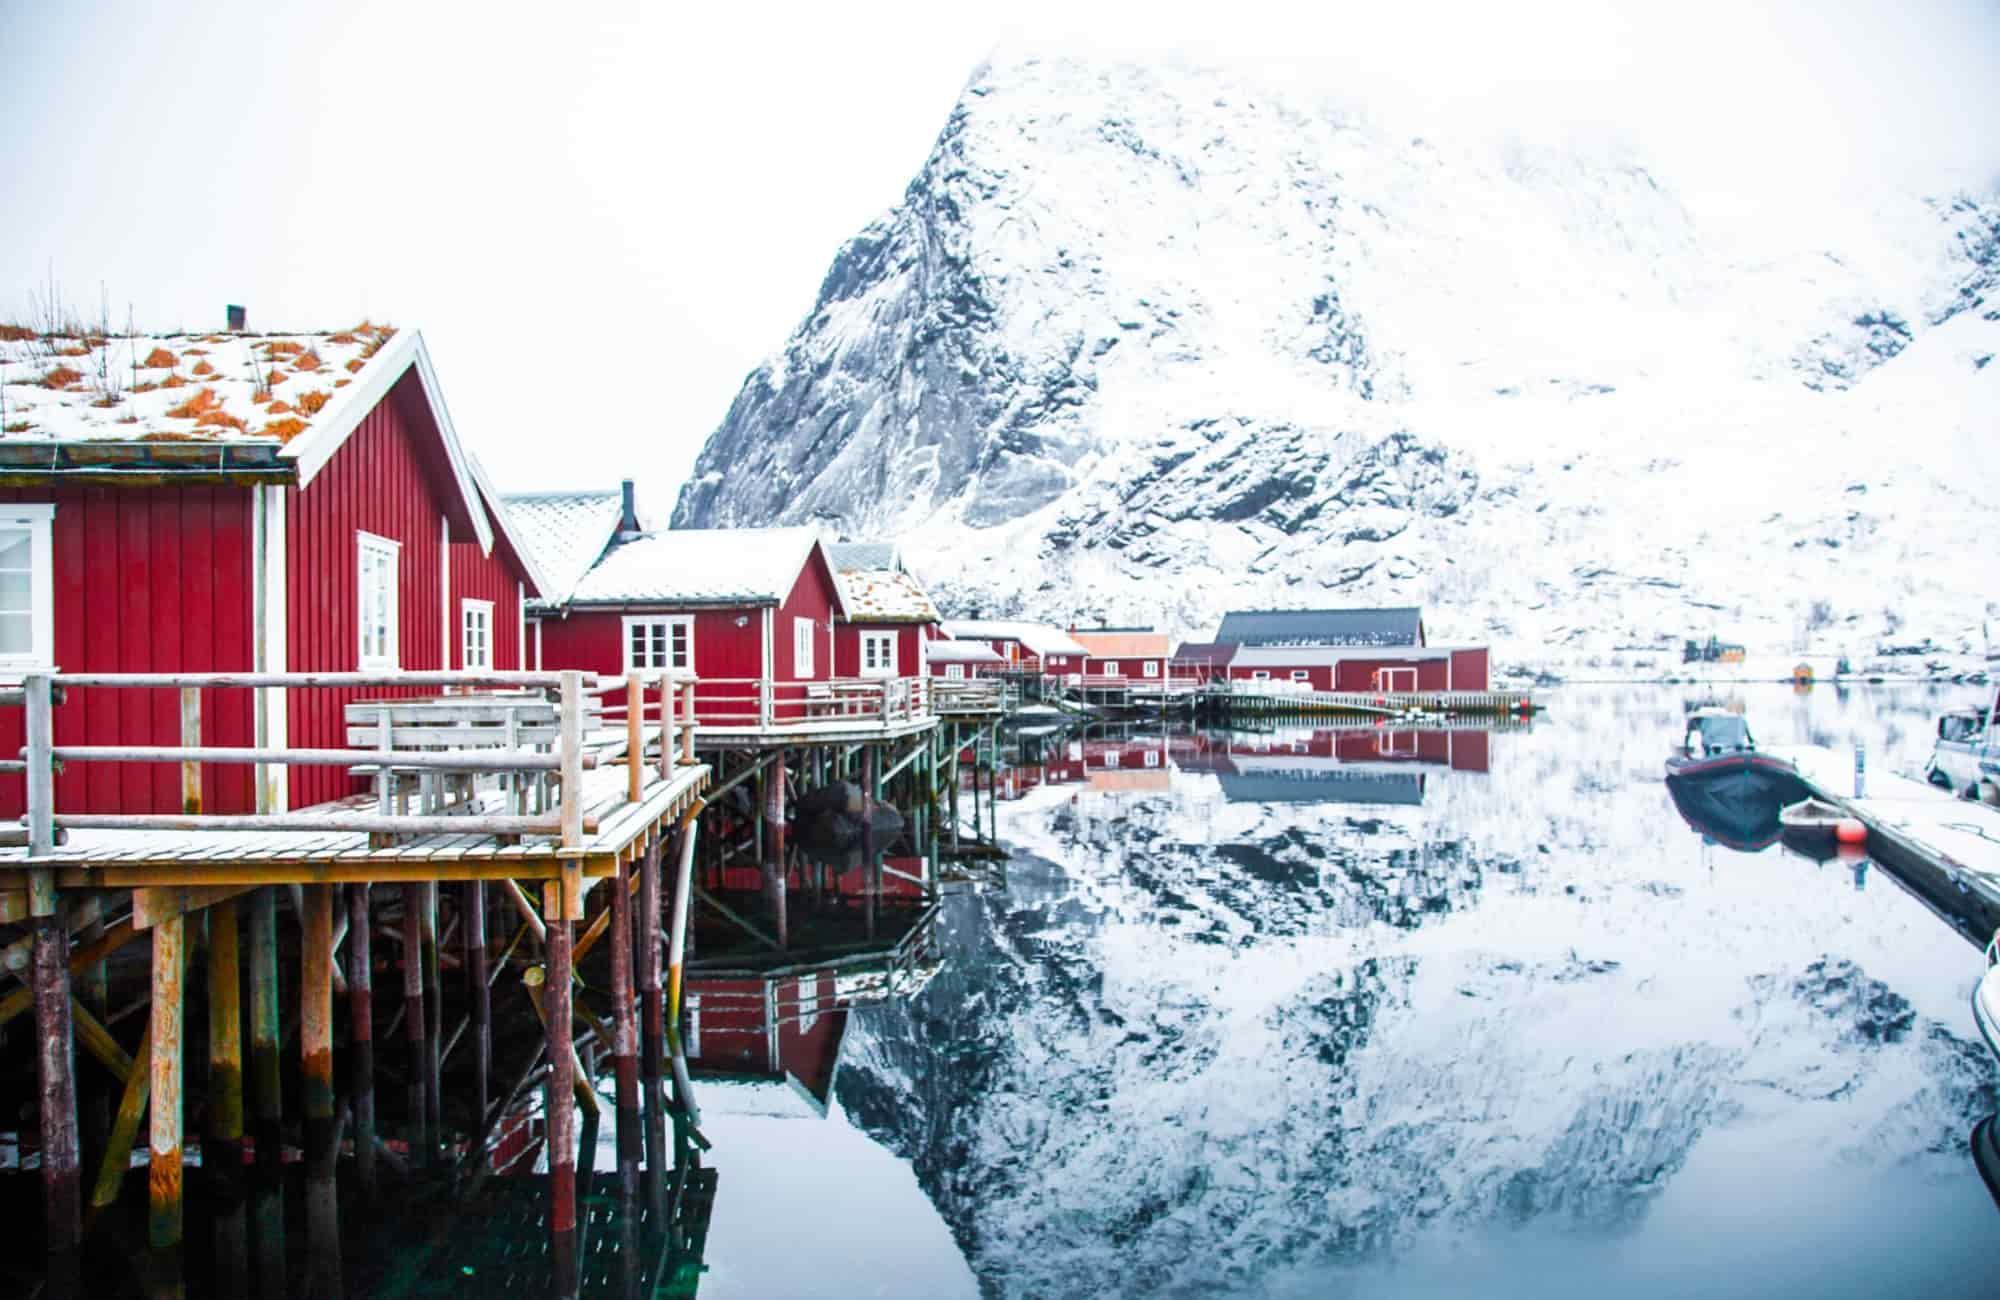 Voyage Laponie - Croisière dans les fjords norvégiens - Amplitudes